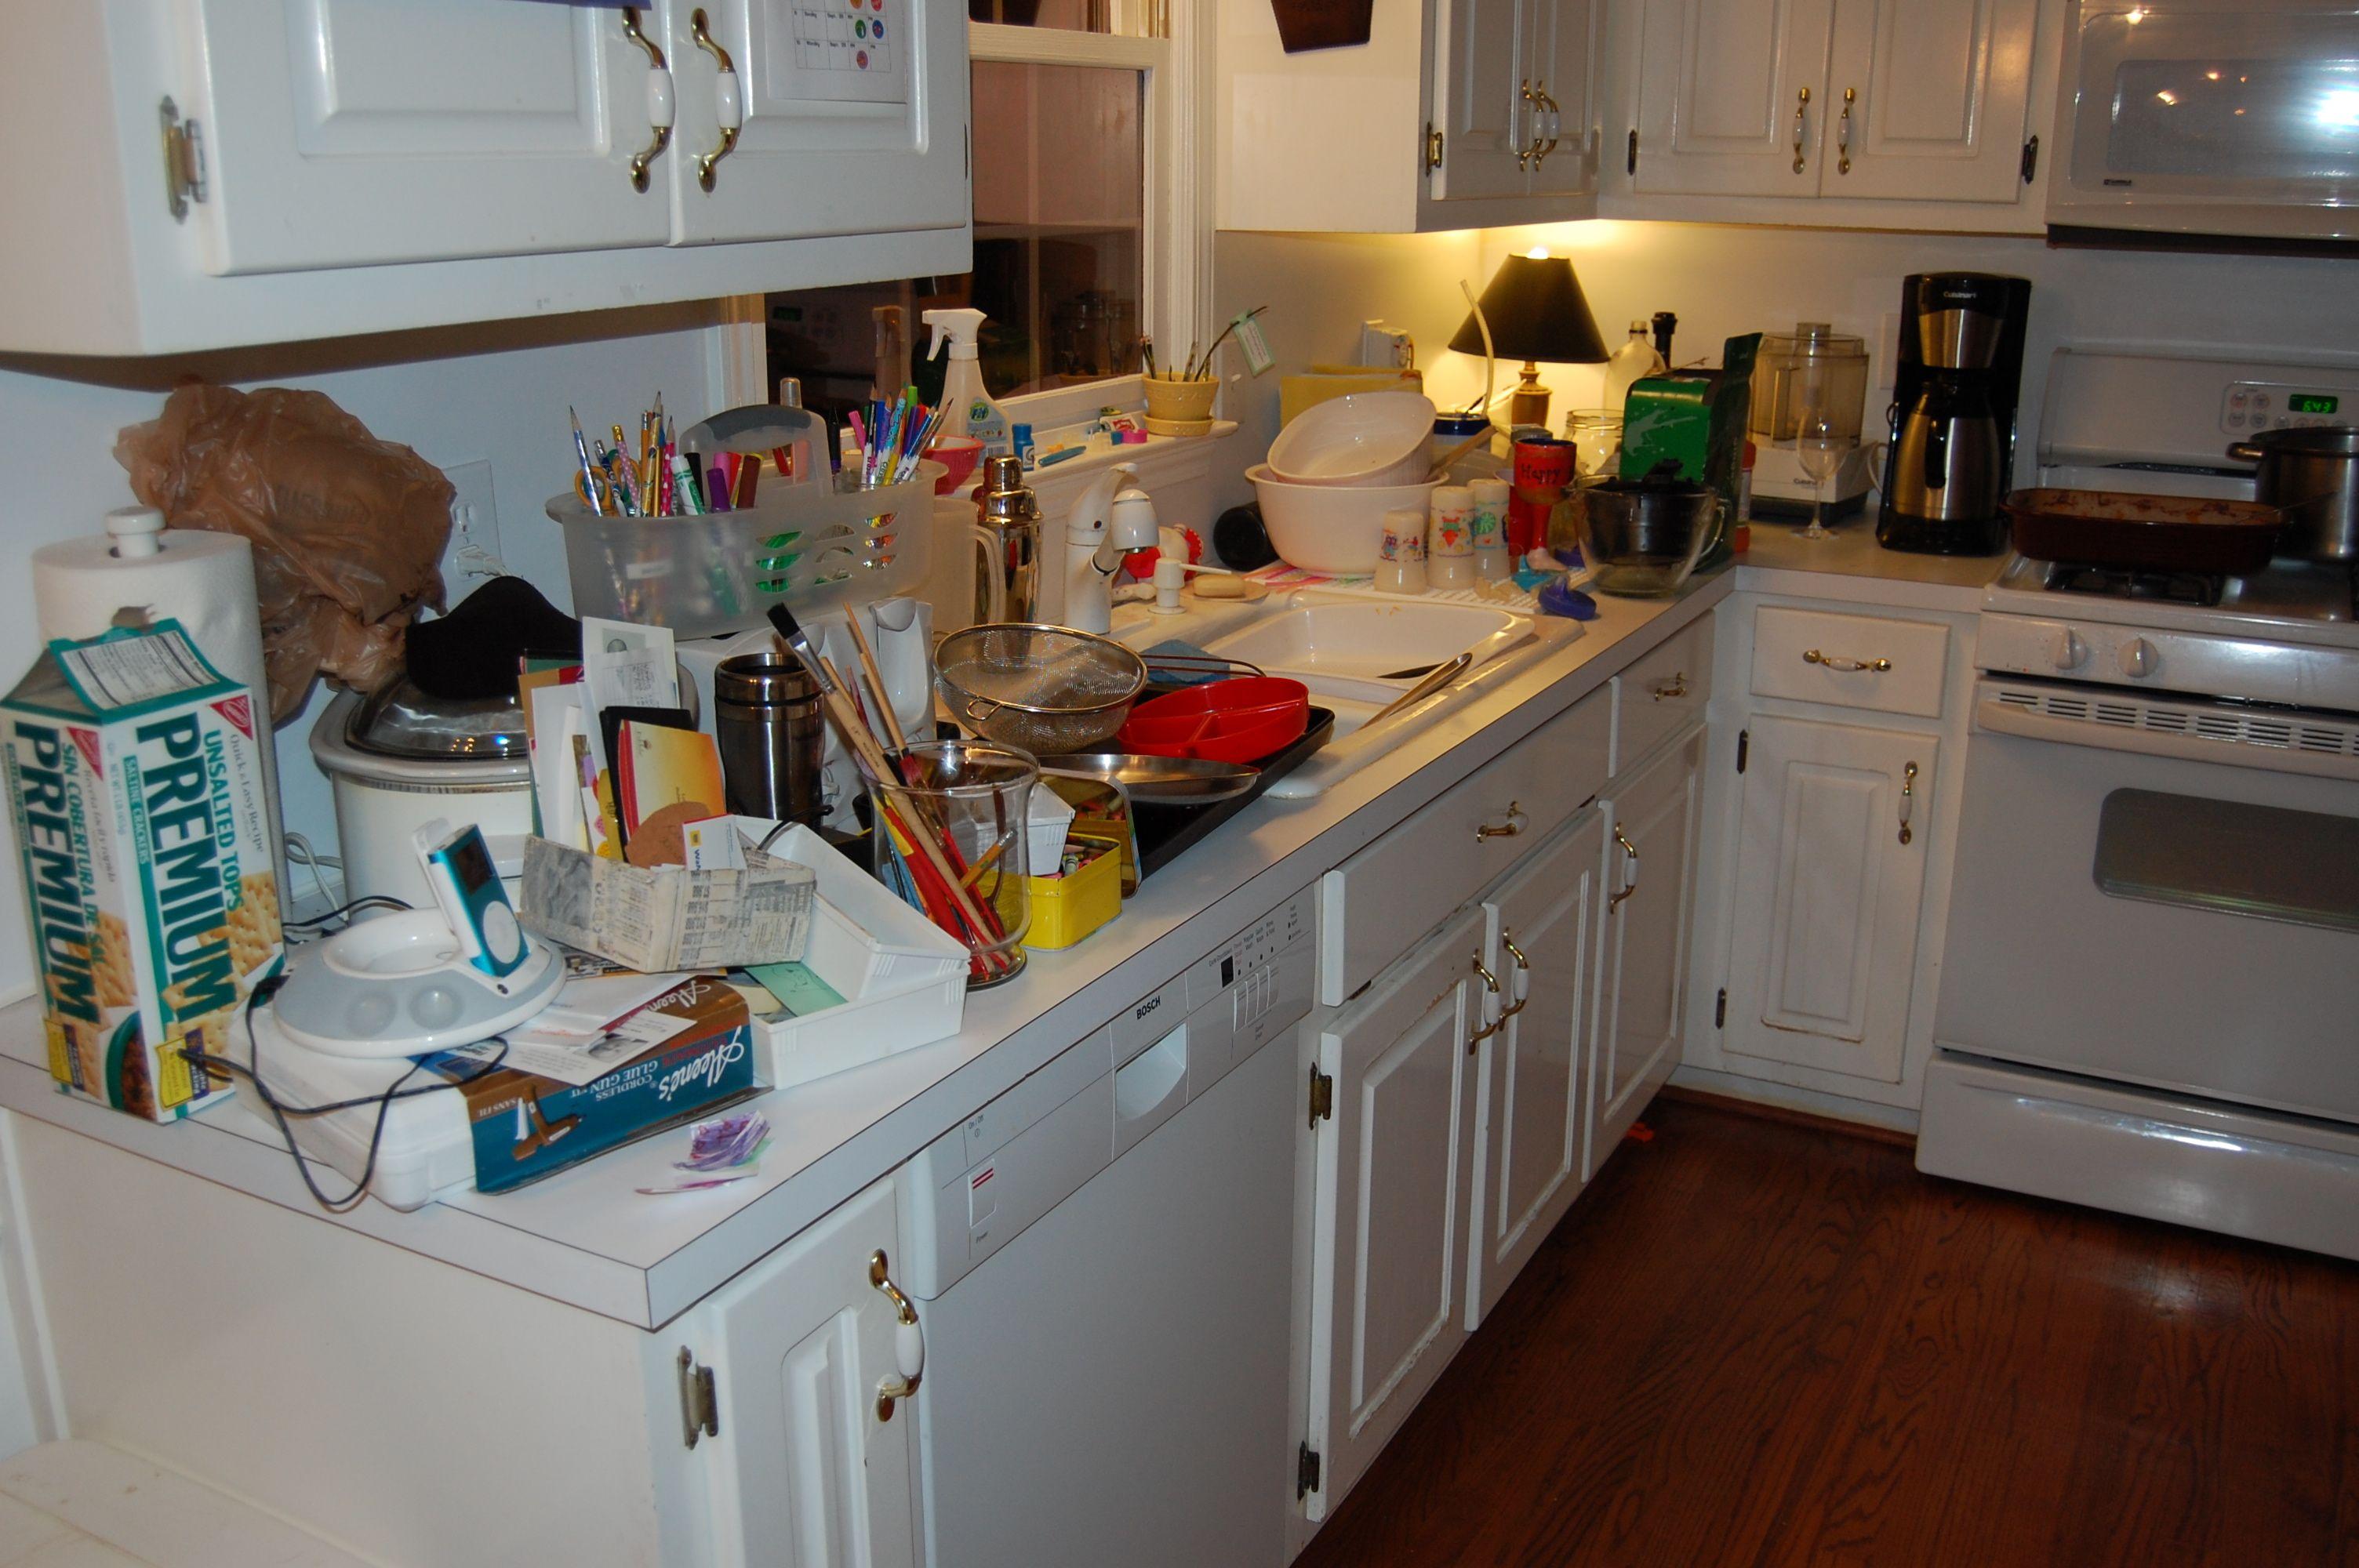 9 mẹo vặt nhỏ nhưng có võ giúp chị em giữ nhà cửa sạch sẽ tới tận ngày cuối tuần - Ảnh 4.